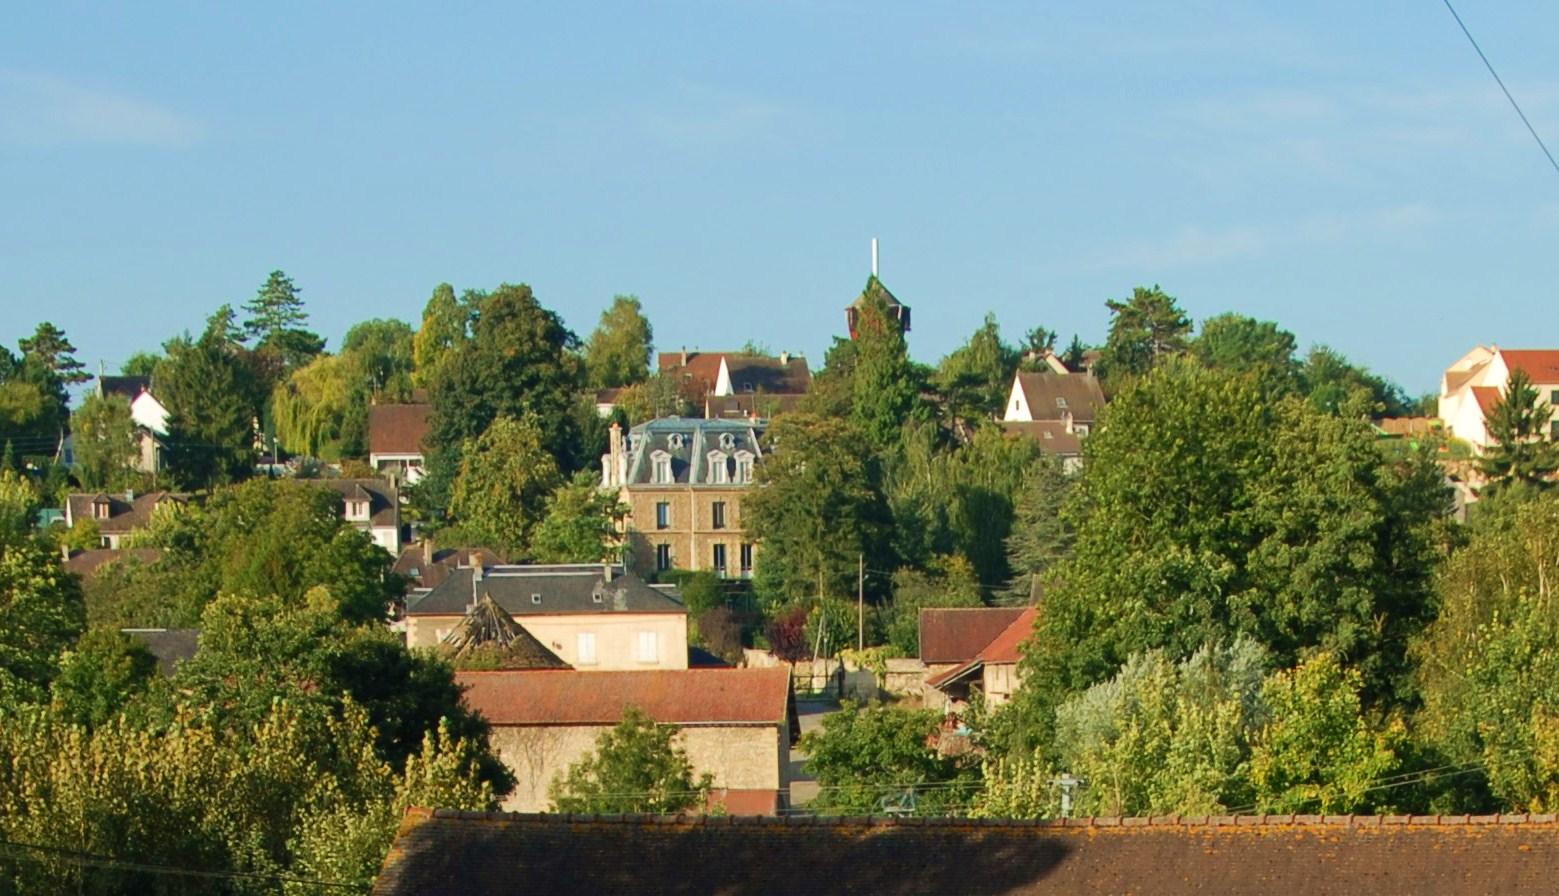 Vue du village Résidence sénior Maison de Retraite Ma Vallée Us Val d'Oise 95